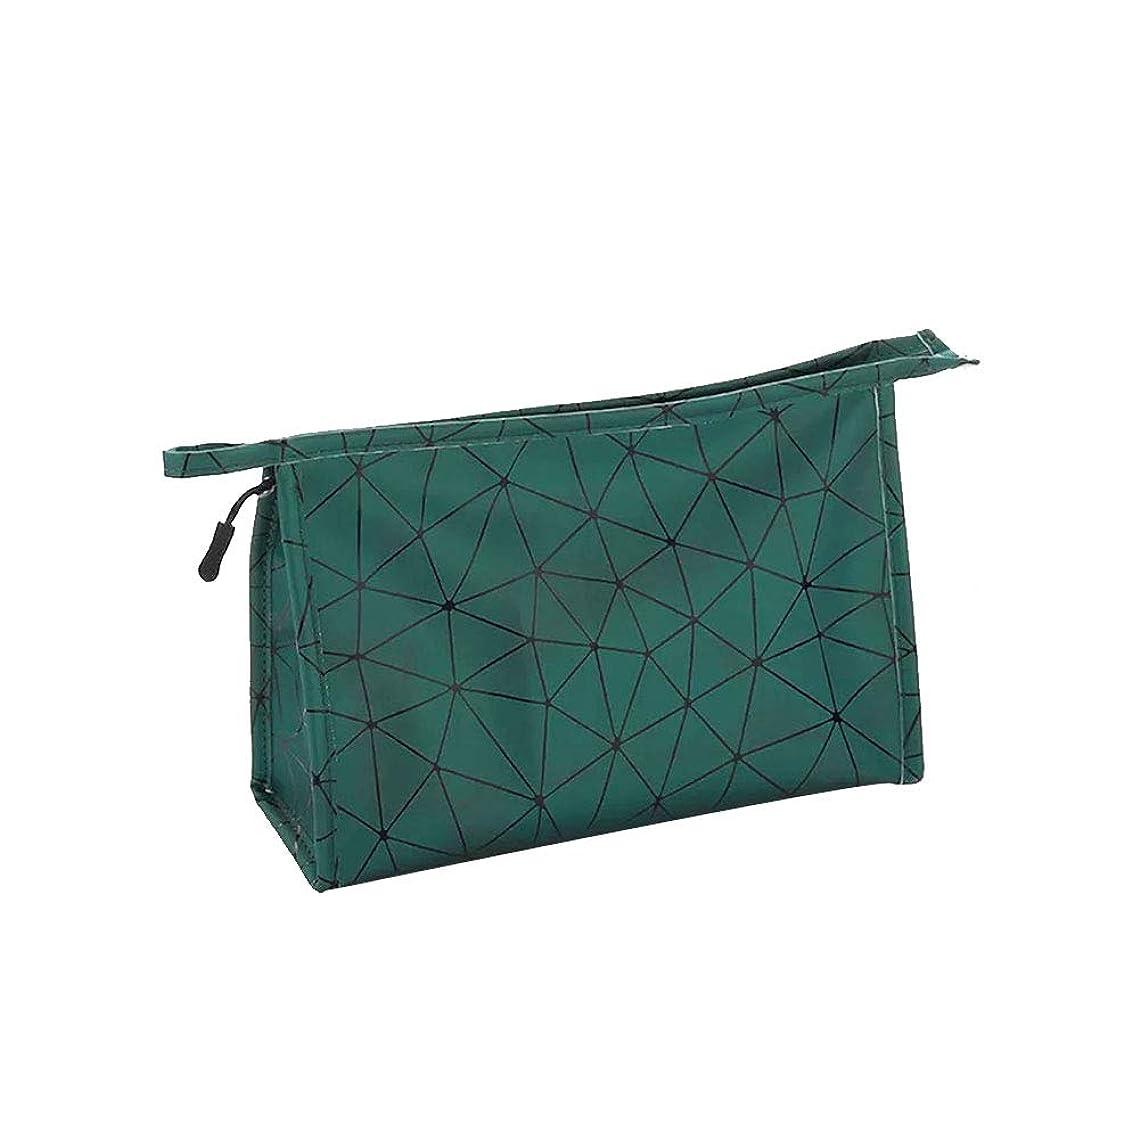 投獄羨望肌Puレザーポーチ化粧ポーチ化粧品袋は、トリップ家庭用と緑のためのポータブルオーガナイザー防水ジッパー袋を洗う旅します